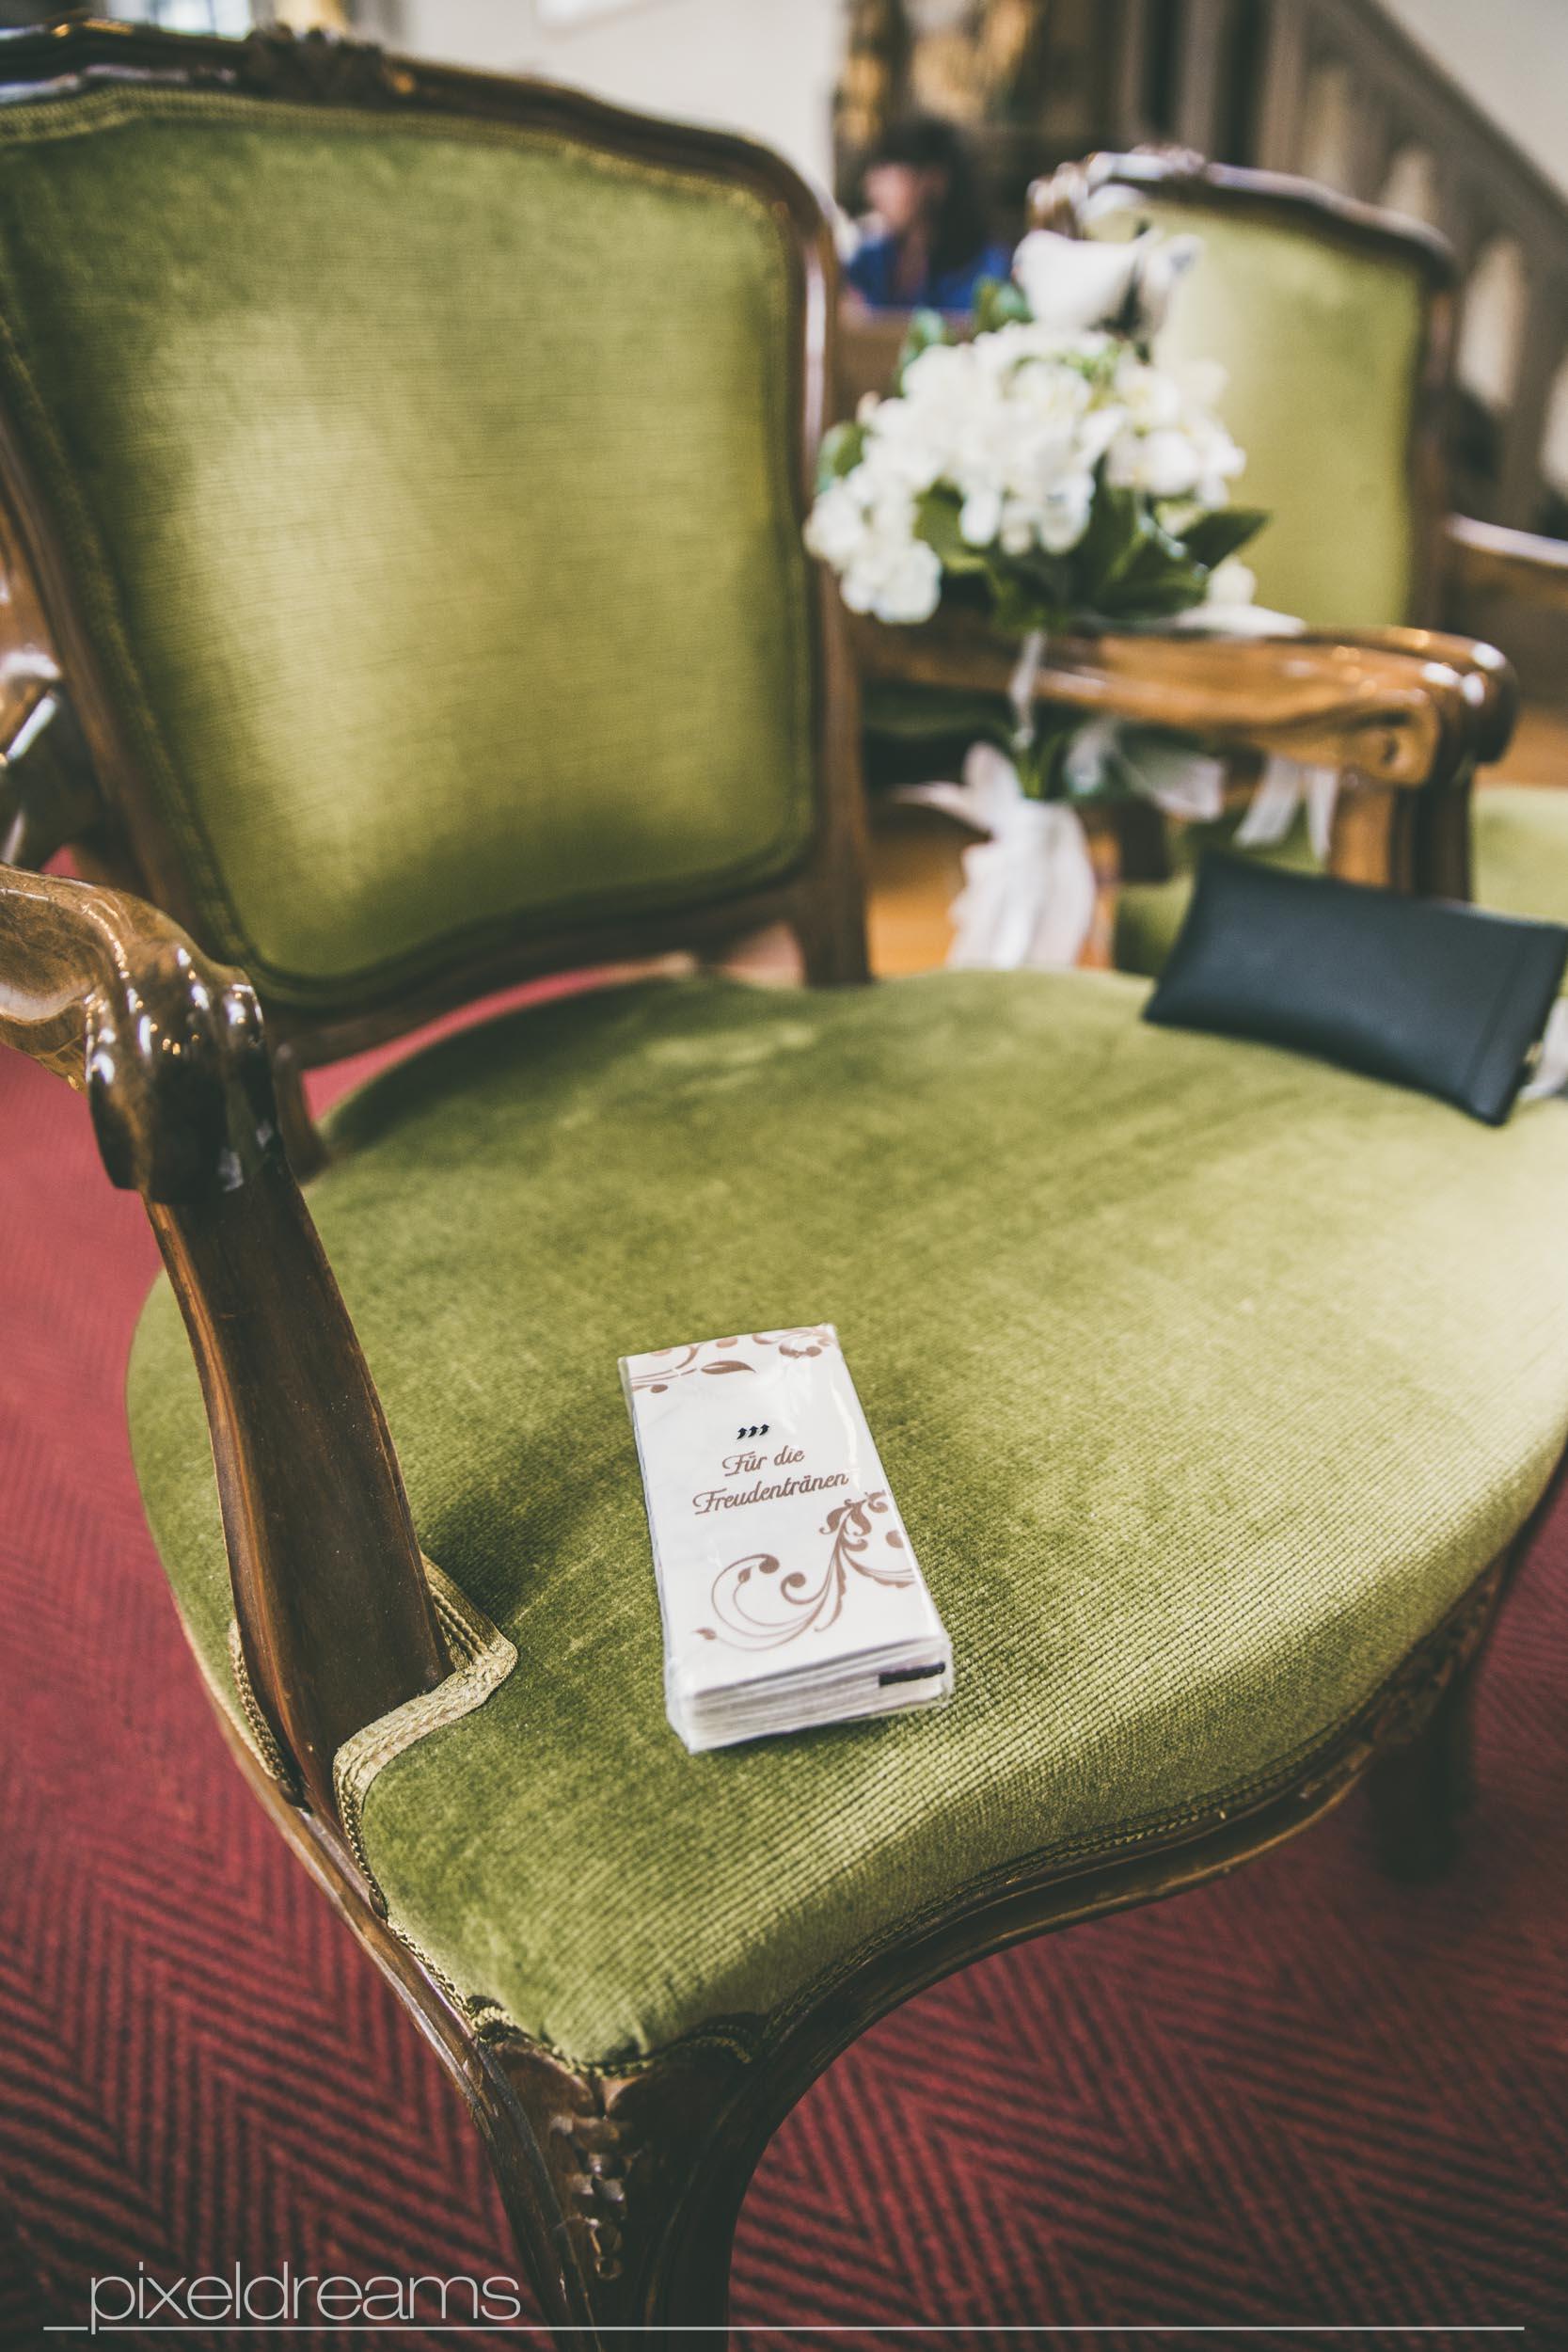 Taschentücher für Freudentränen bei der Hochzeit. Hochzeitsfotograf in Swisttal - St. Antonius Kirche - Pixeldreams